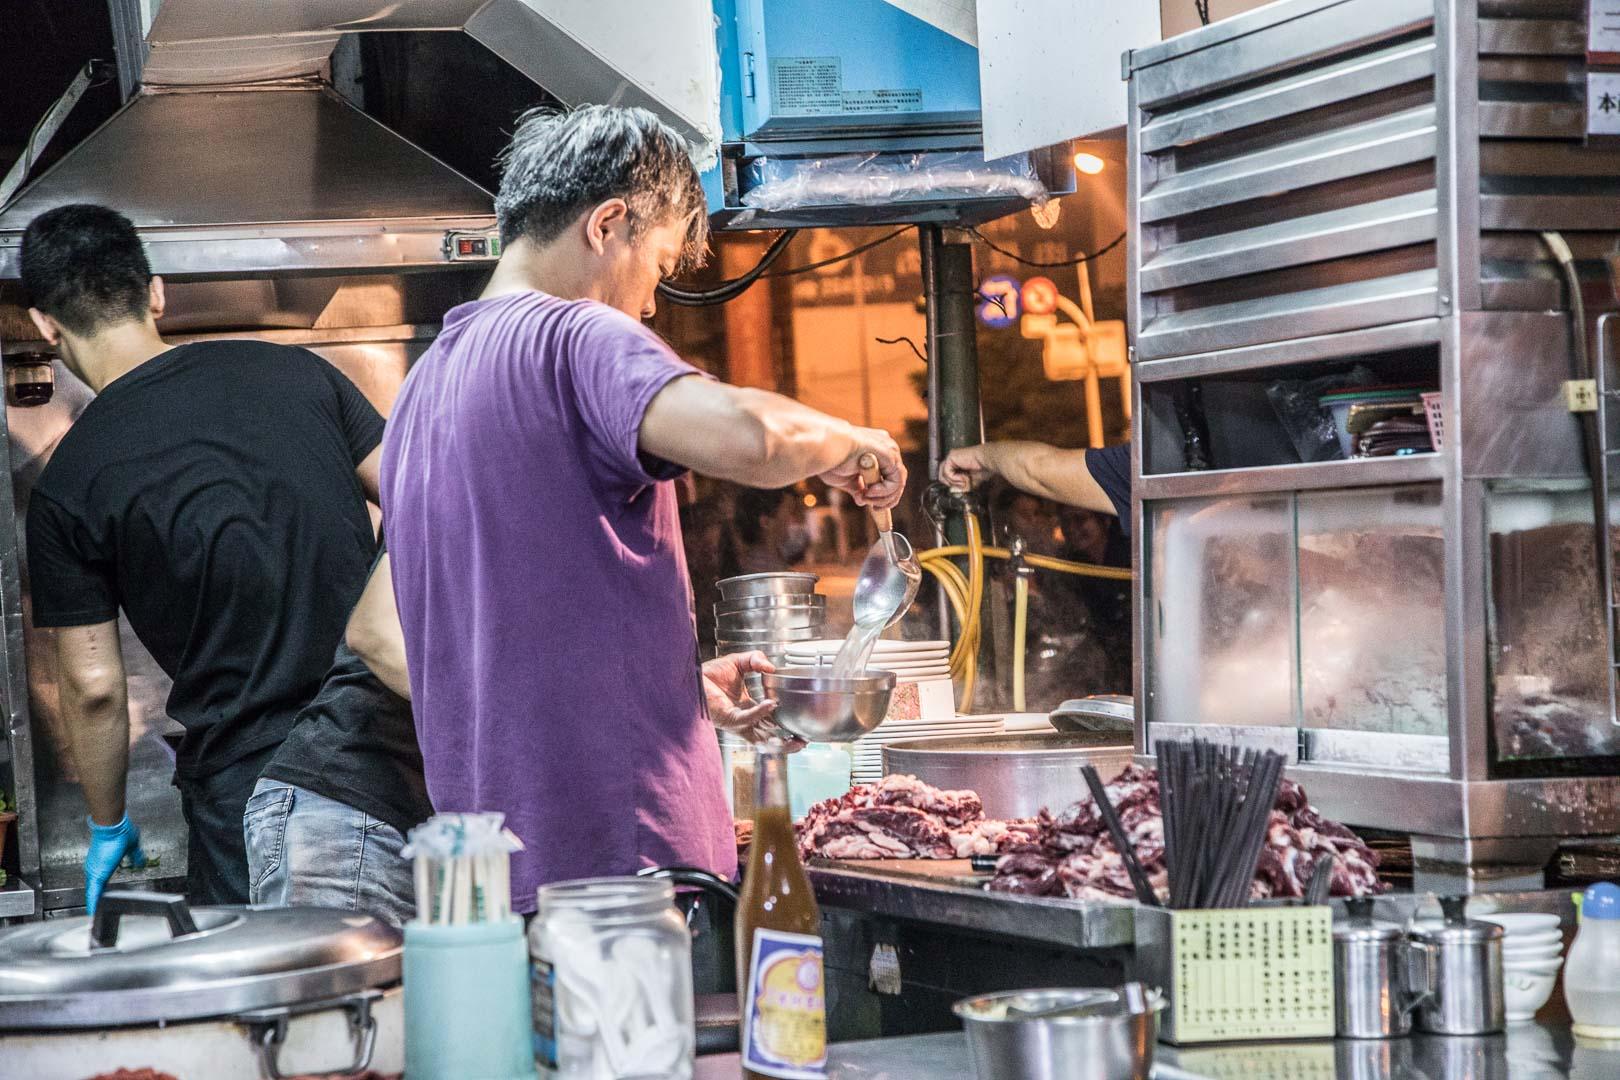 台南美食 》美鮮牛肉湯|現切現沖溫體牛,24小時營業的美味牛肉湯!